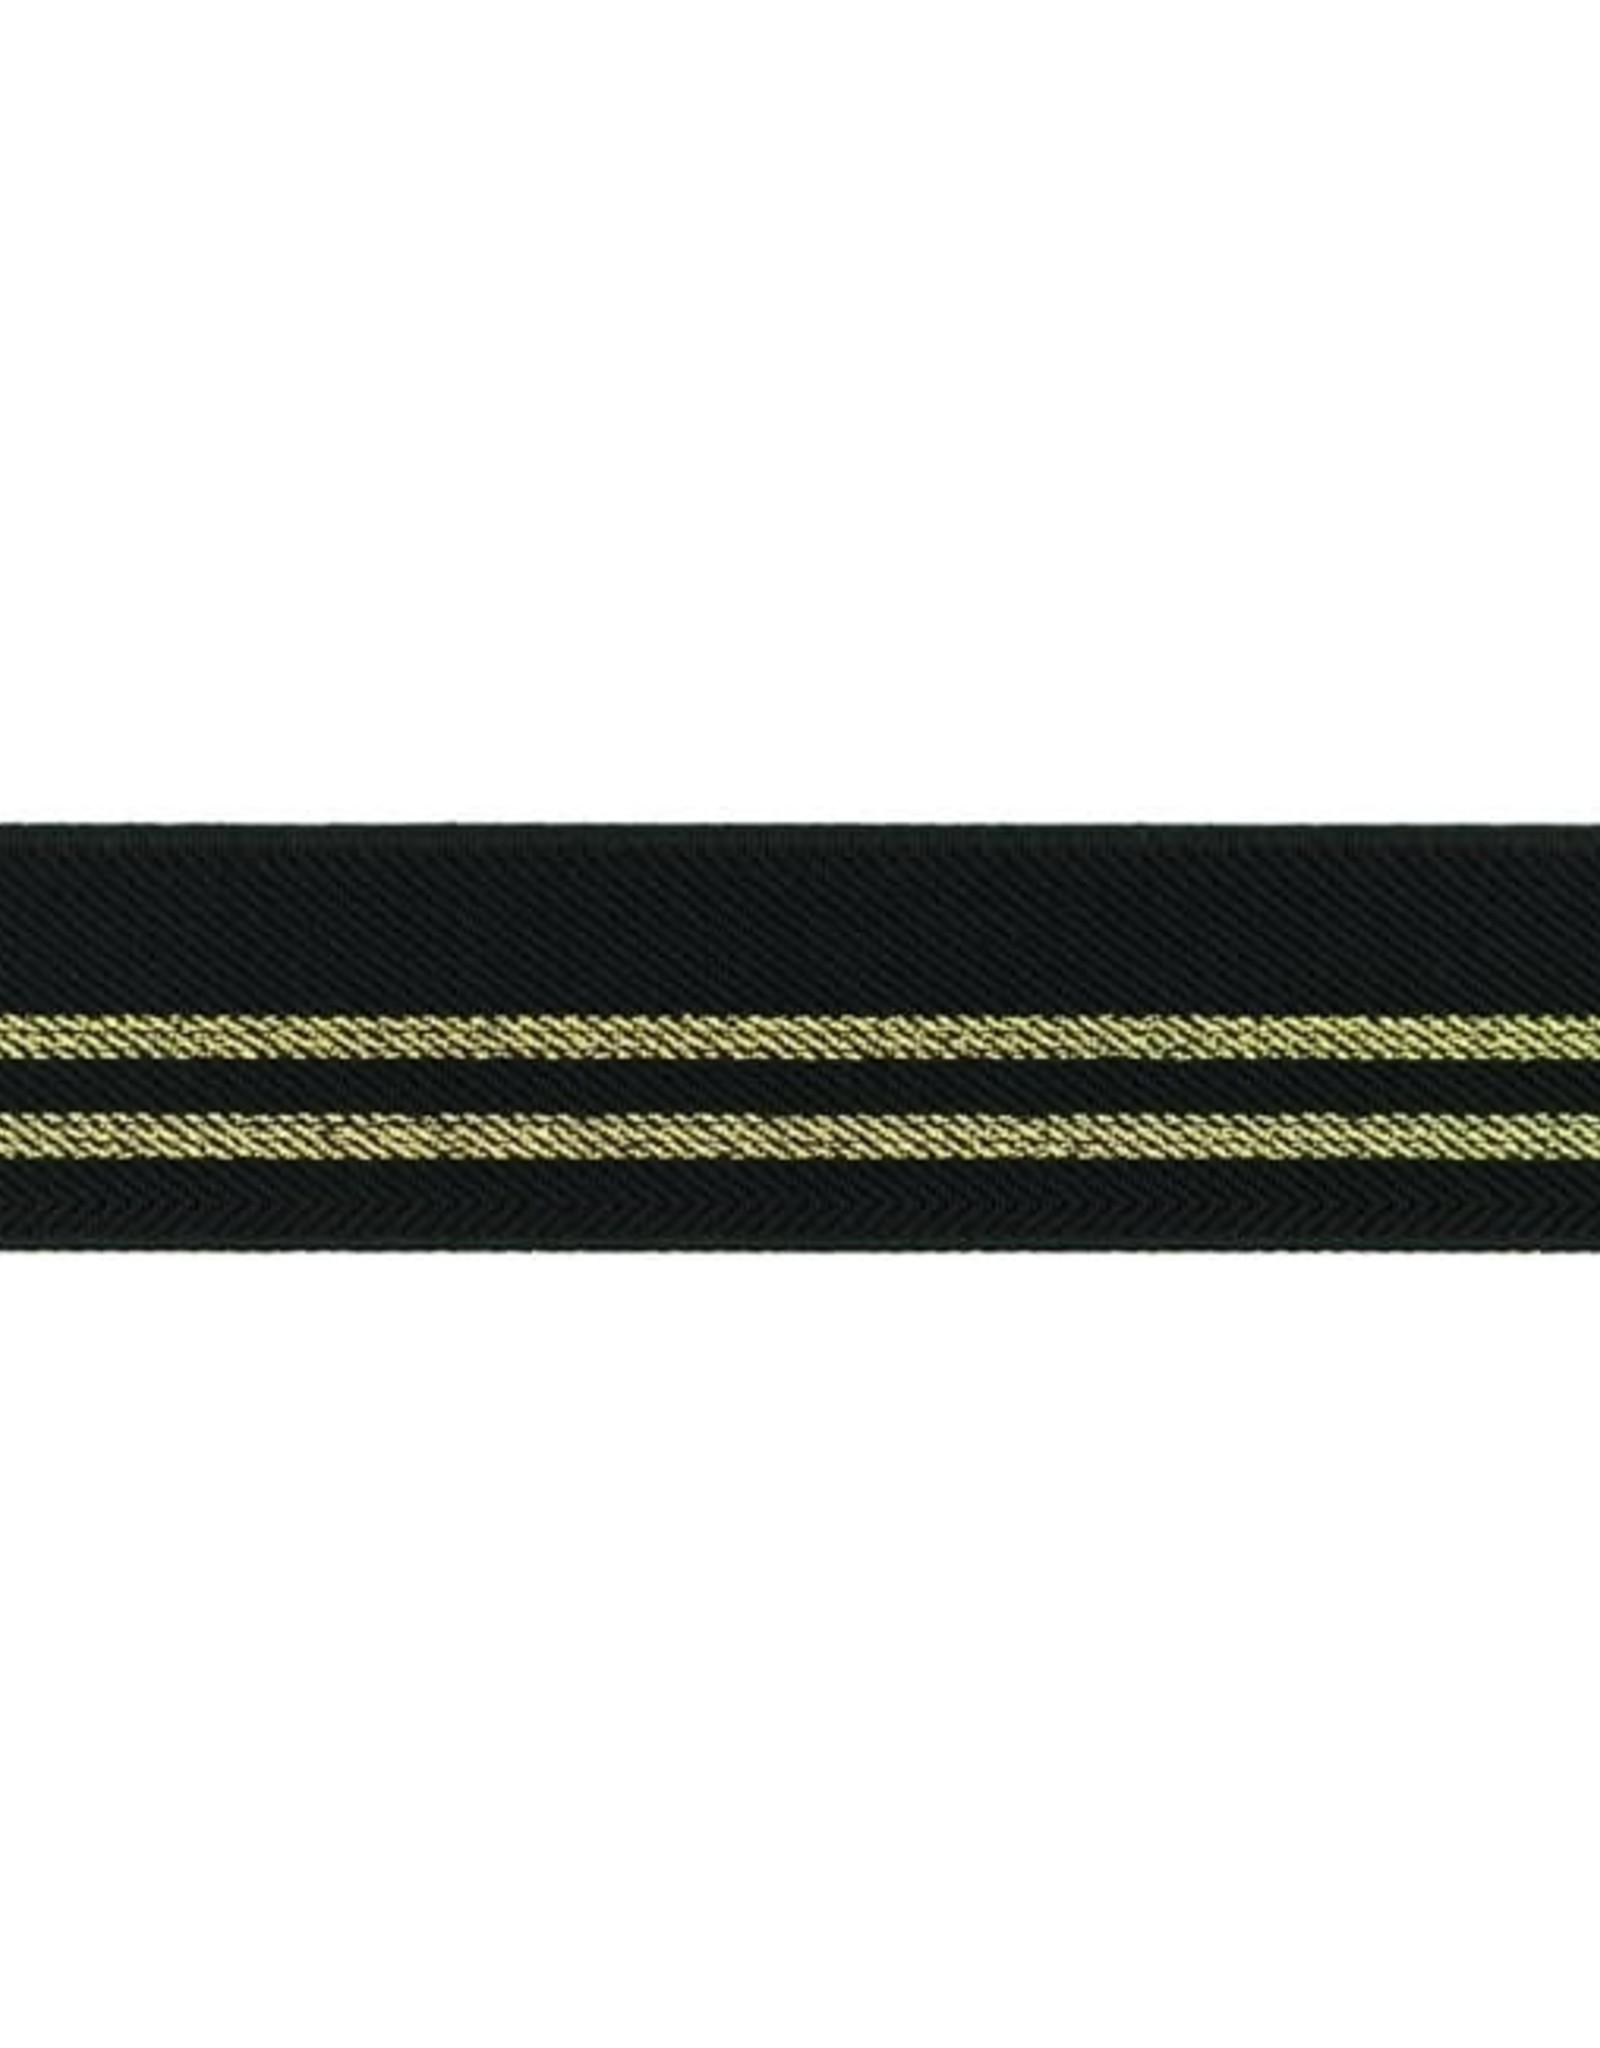 Gestreepte elastiek 30mm - Zwart/Goud